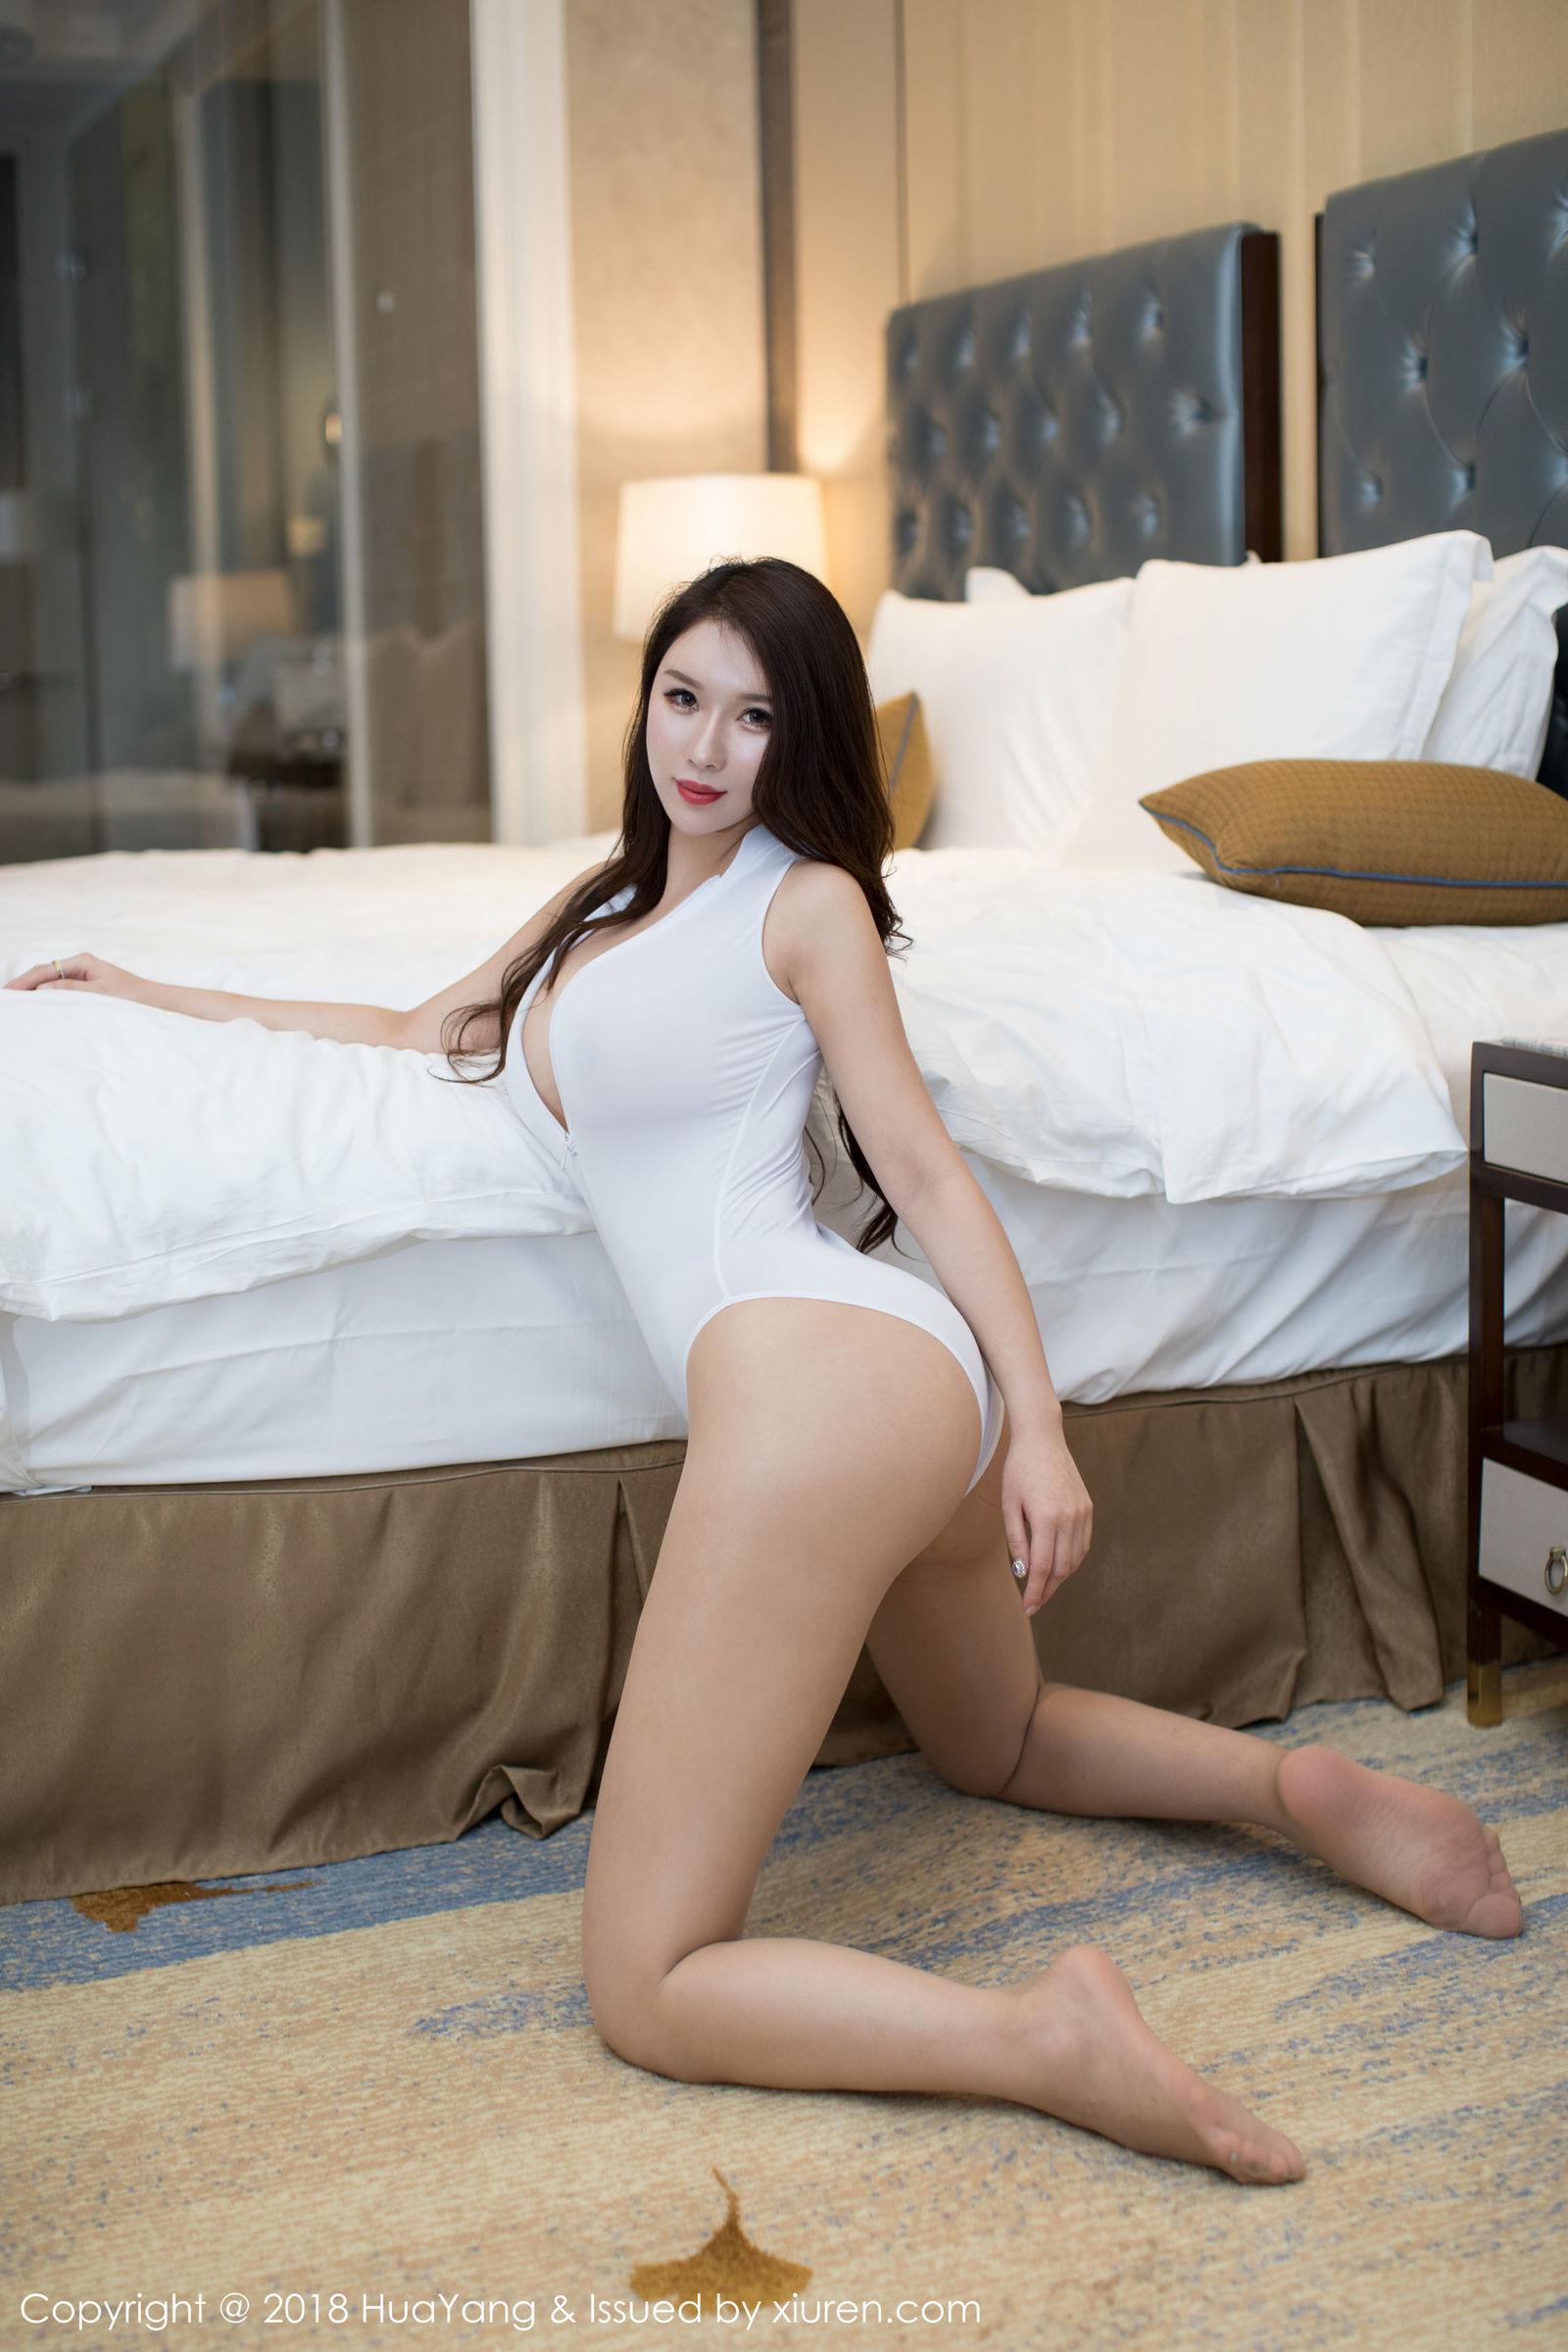 御姐女神@Egg_尤妮丝第二套性感写真